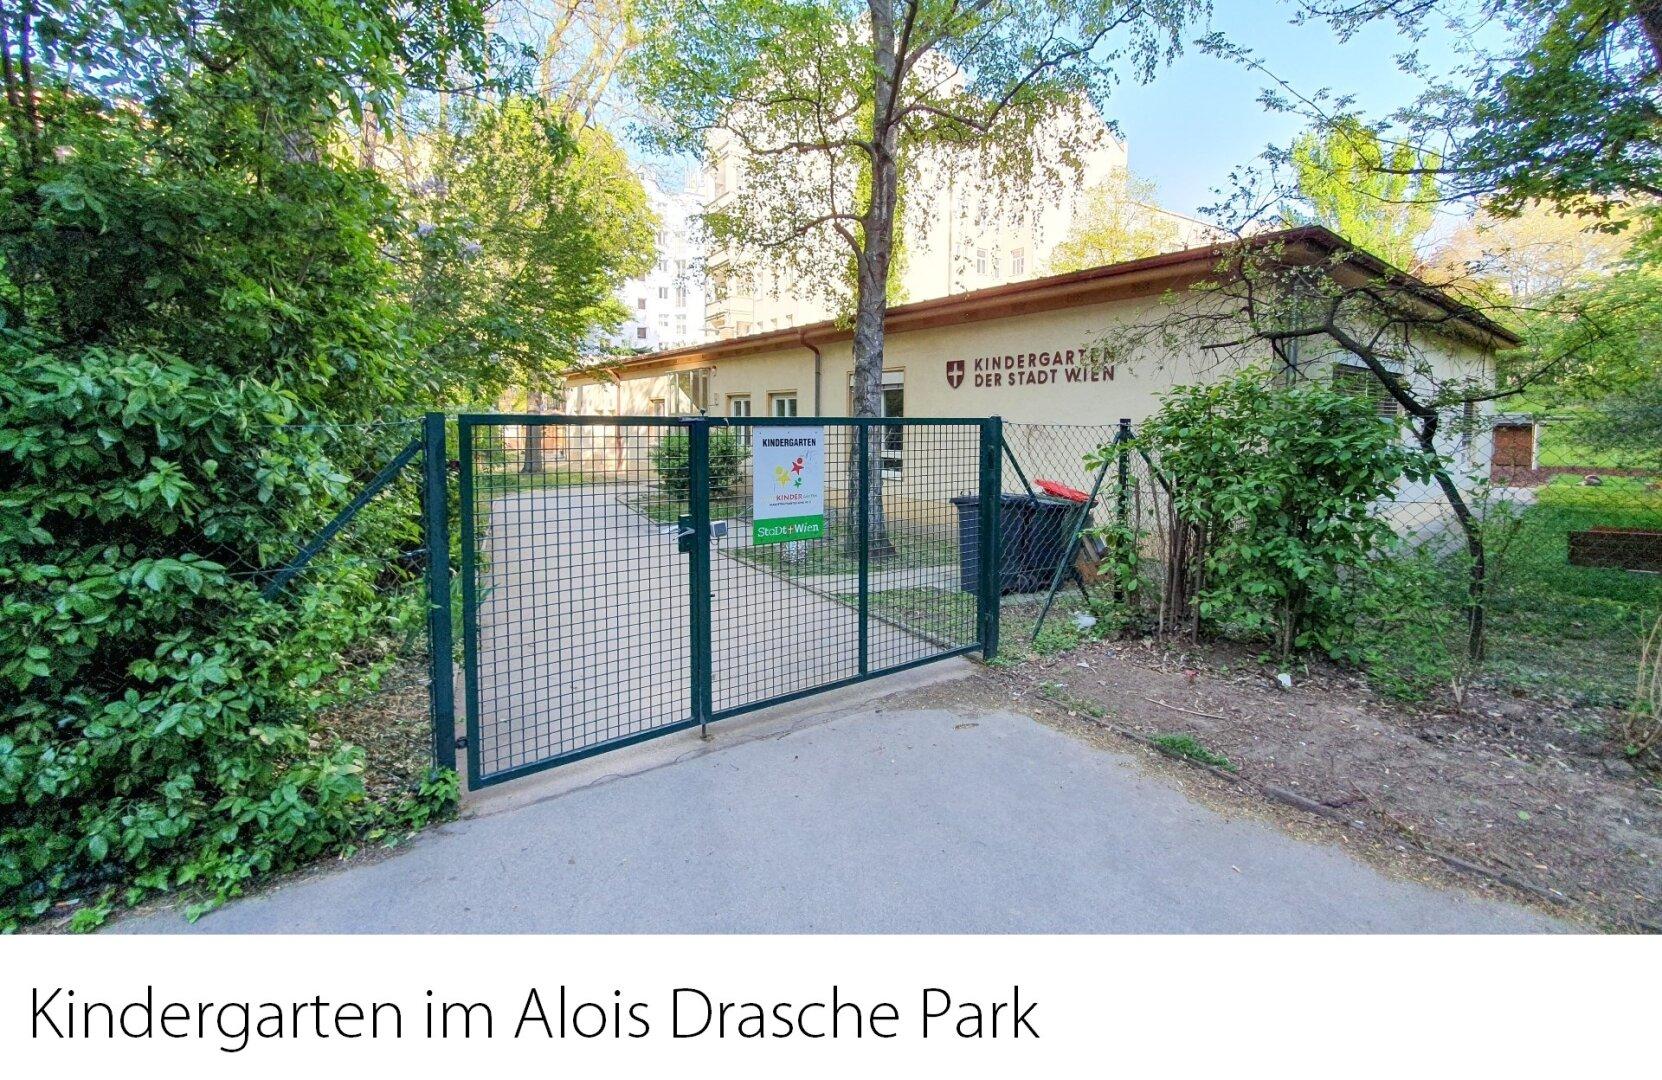 Kindergarten im Alois-Drasche-Park